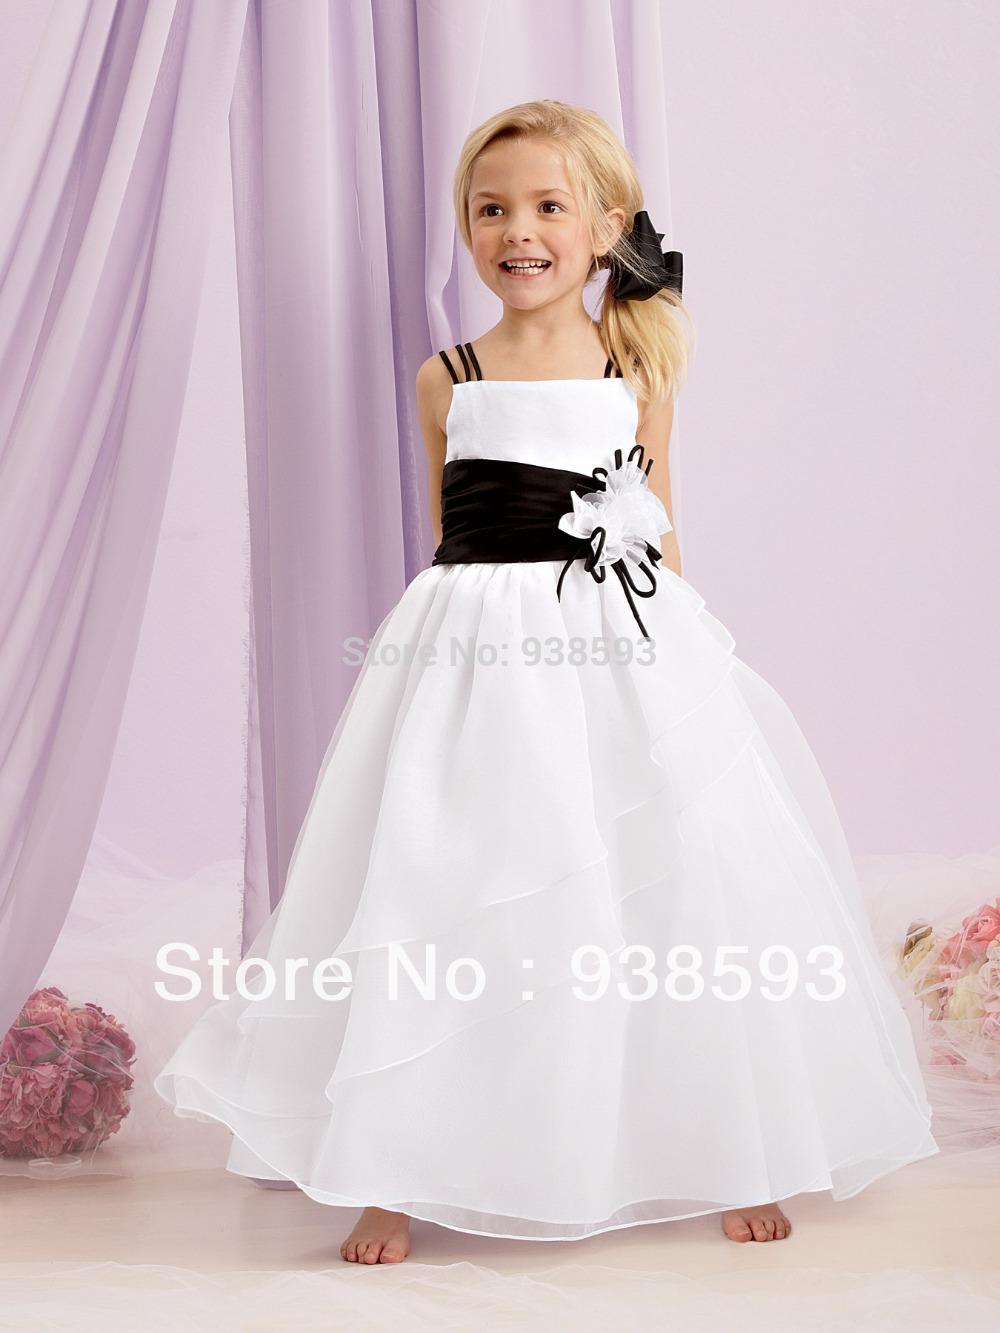 wholesale flower girl black dress